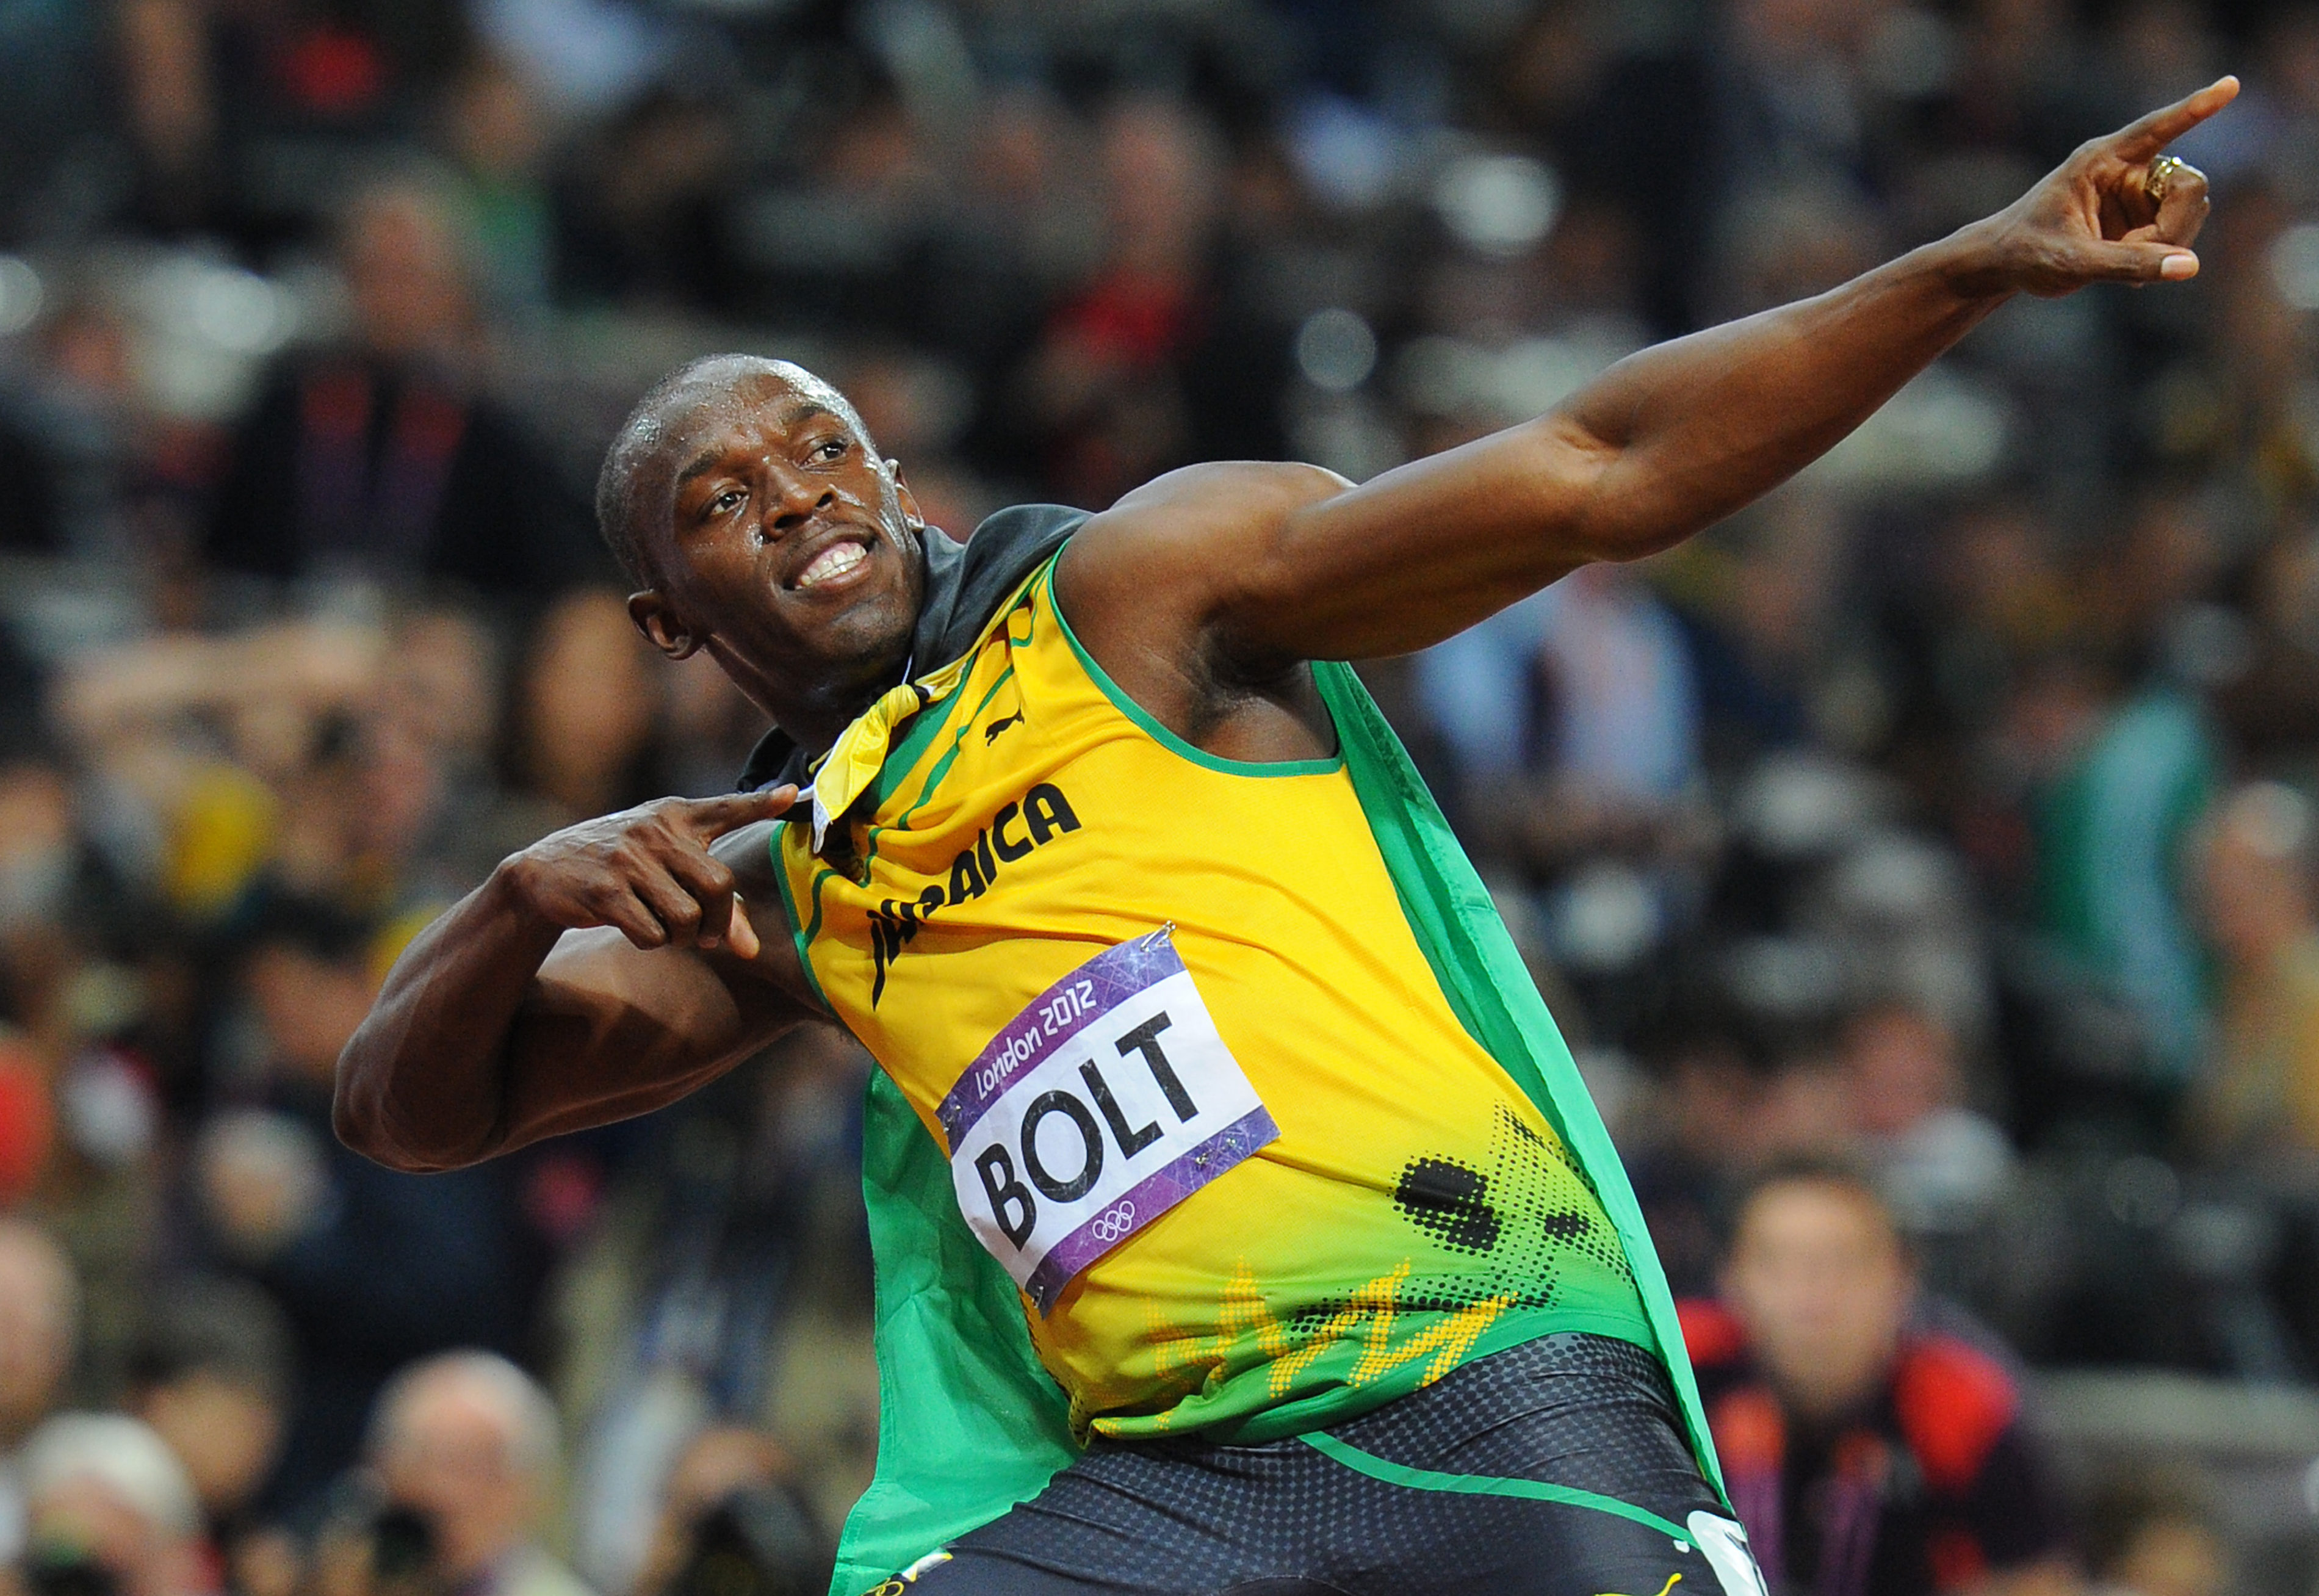 Usain Bolt, London Olympics, 2012. Photographer: Mark Allan.